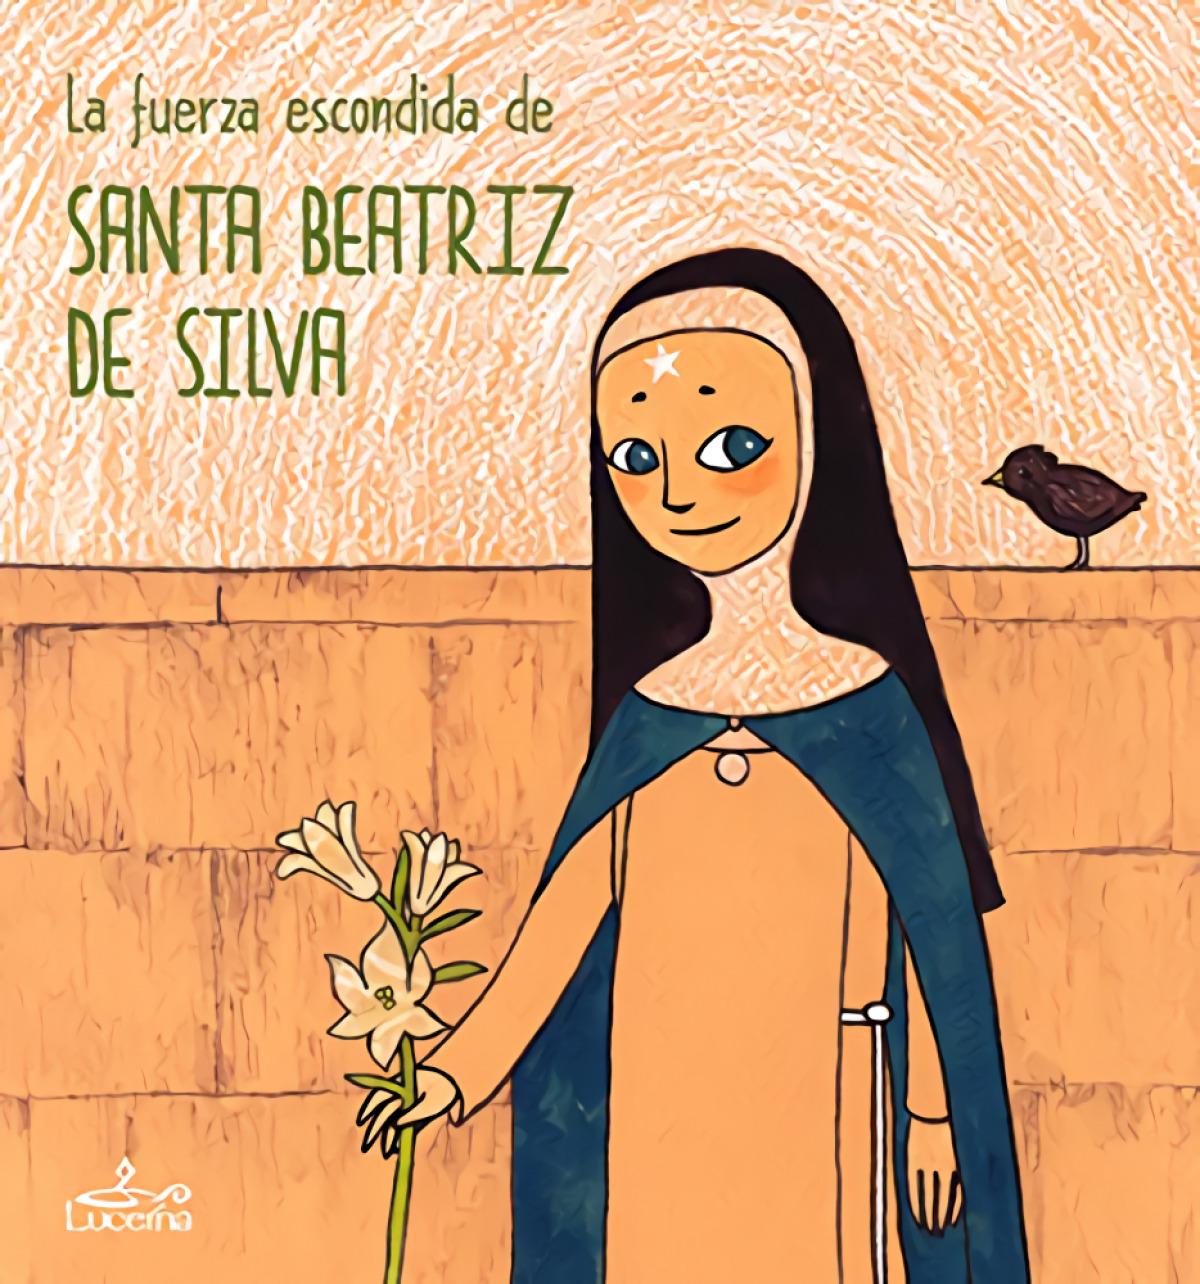 La fuerza escondida de Santa Beatriz de Silva - Aa.Vv.